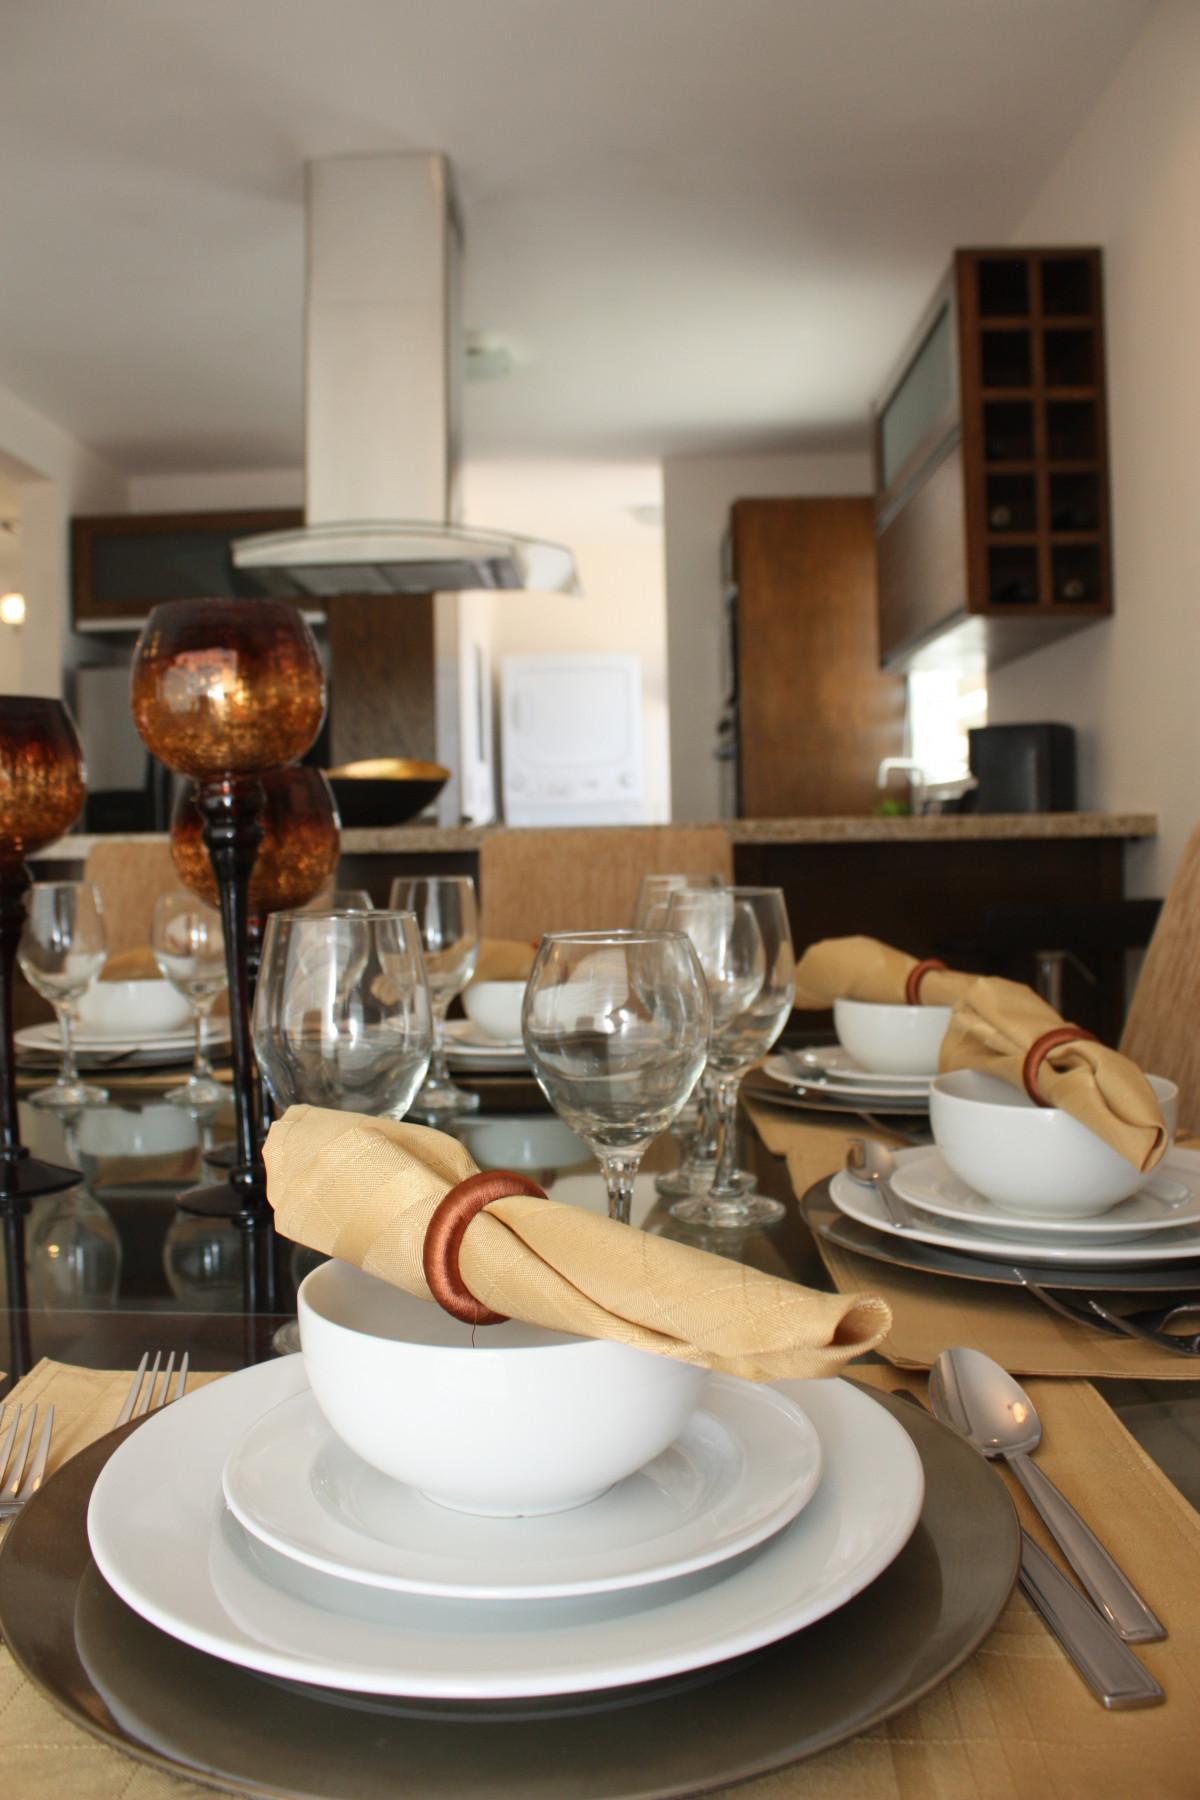 Gratis afbeeldingen wijn huis glas restaurant decoratie maaltijd drinken wijnglas - Gratis huis deco magazine ...